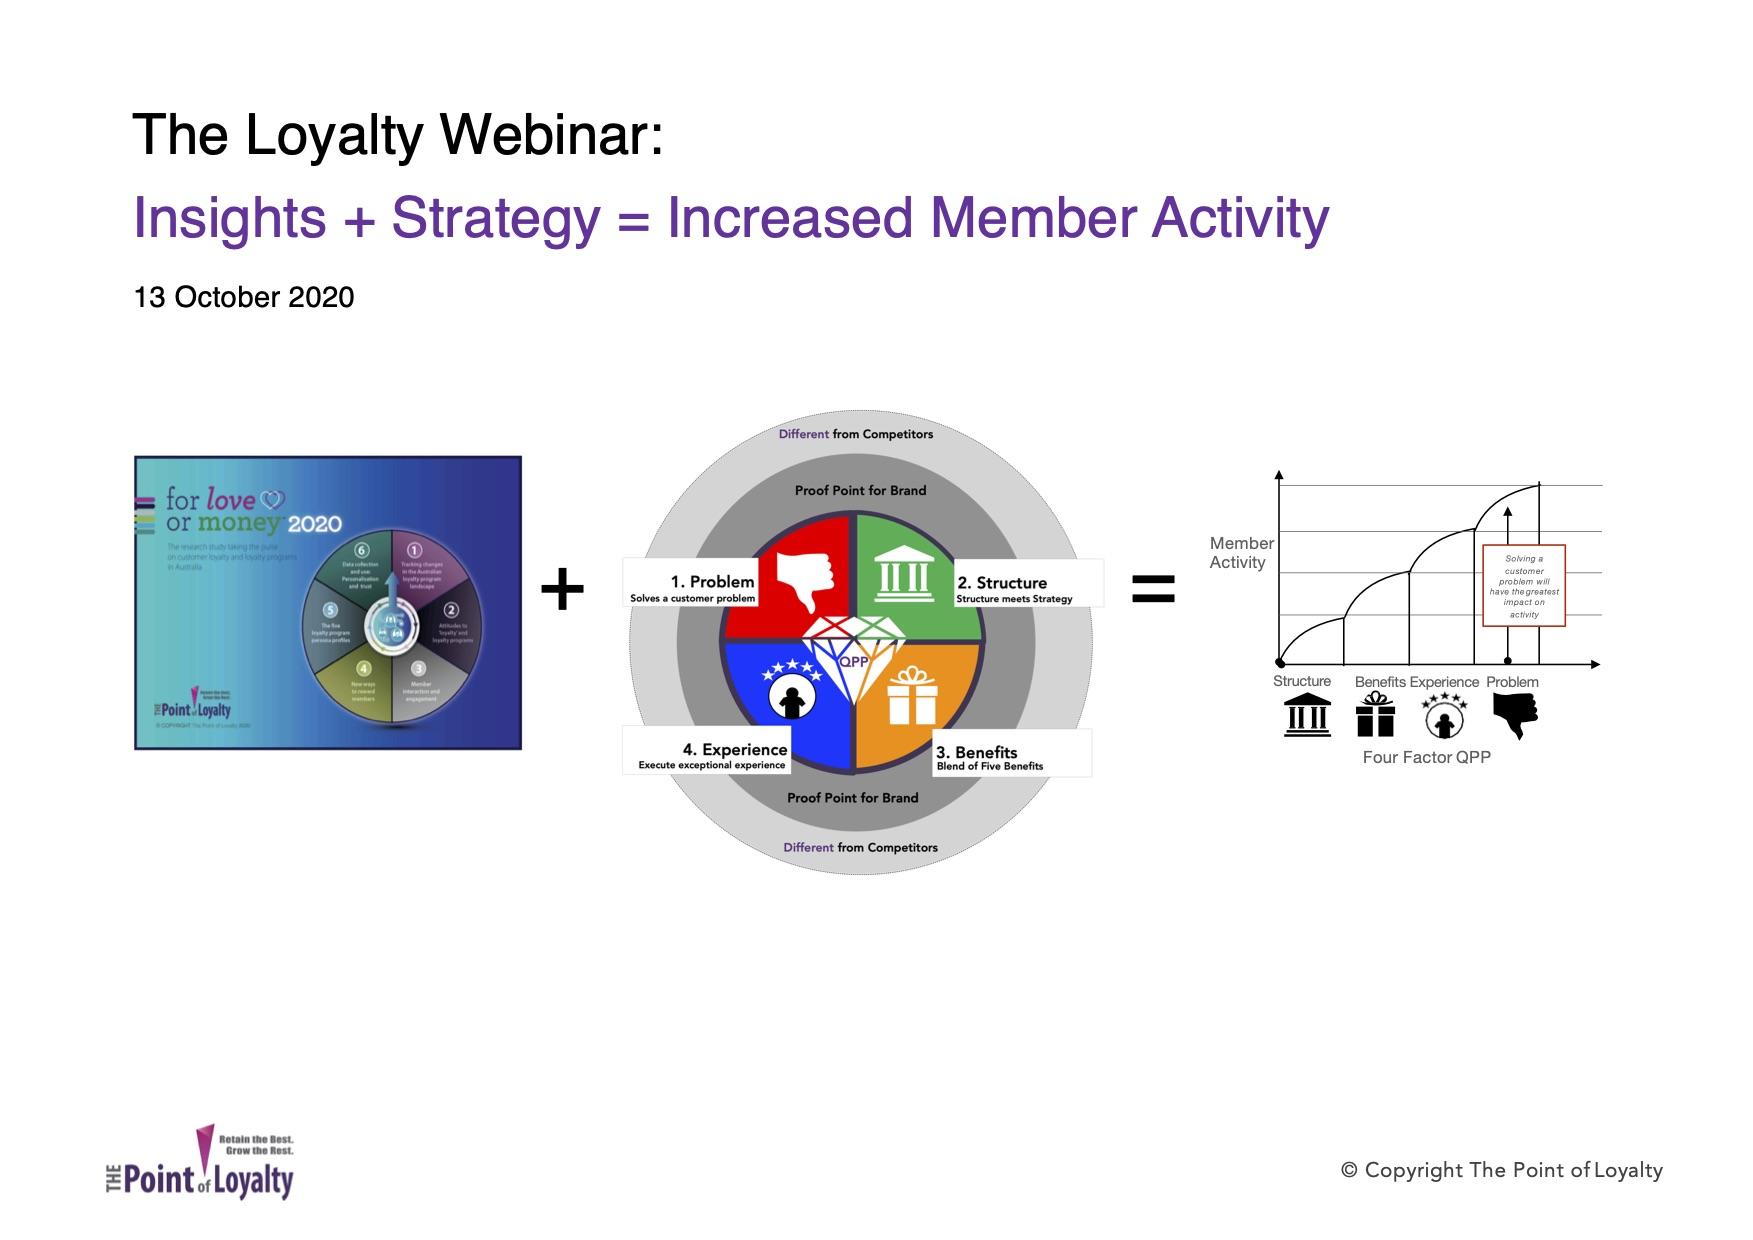 The Loyalty Webinar